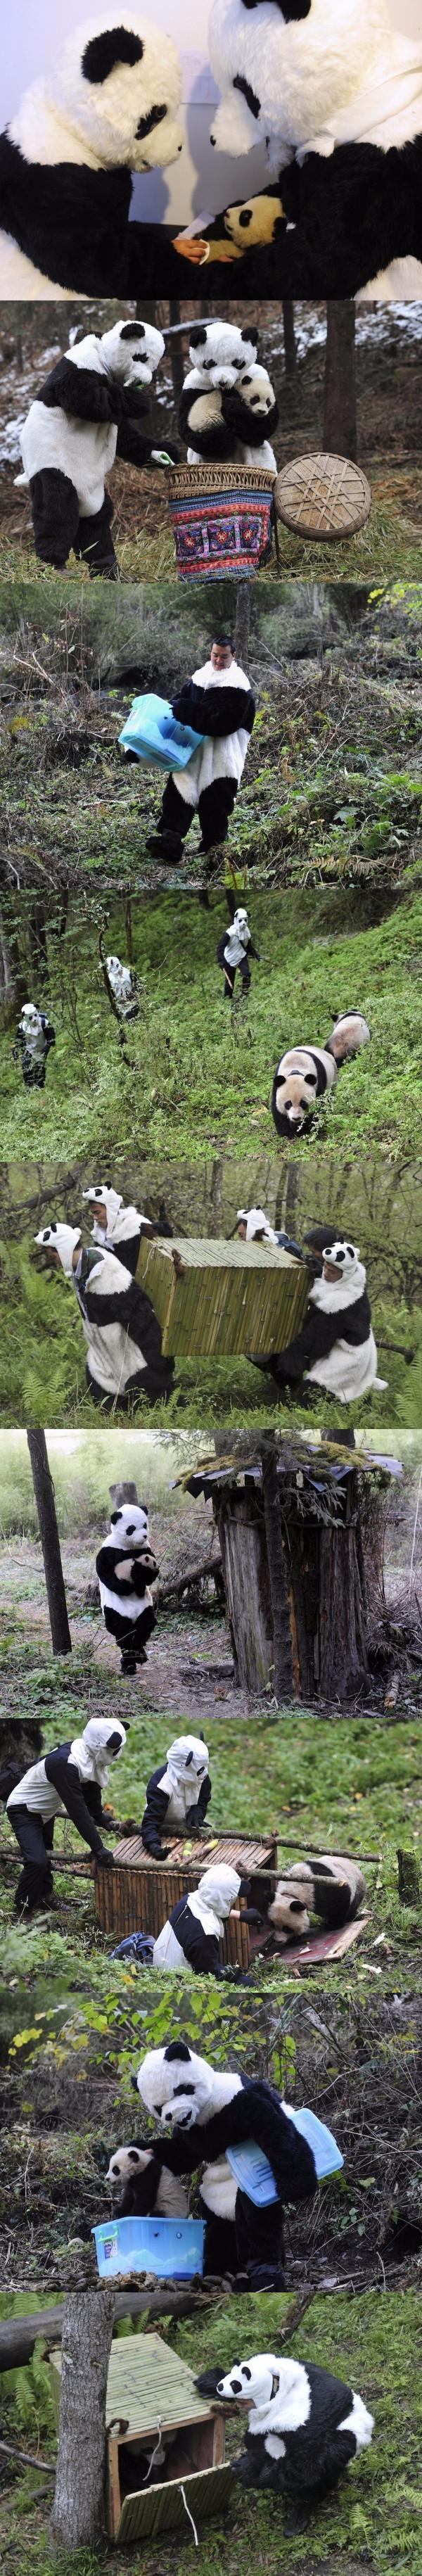 Як виховують маленьких панд в зоопарках (фото)